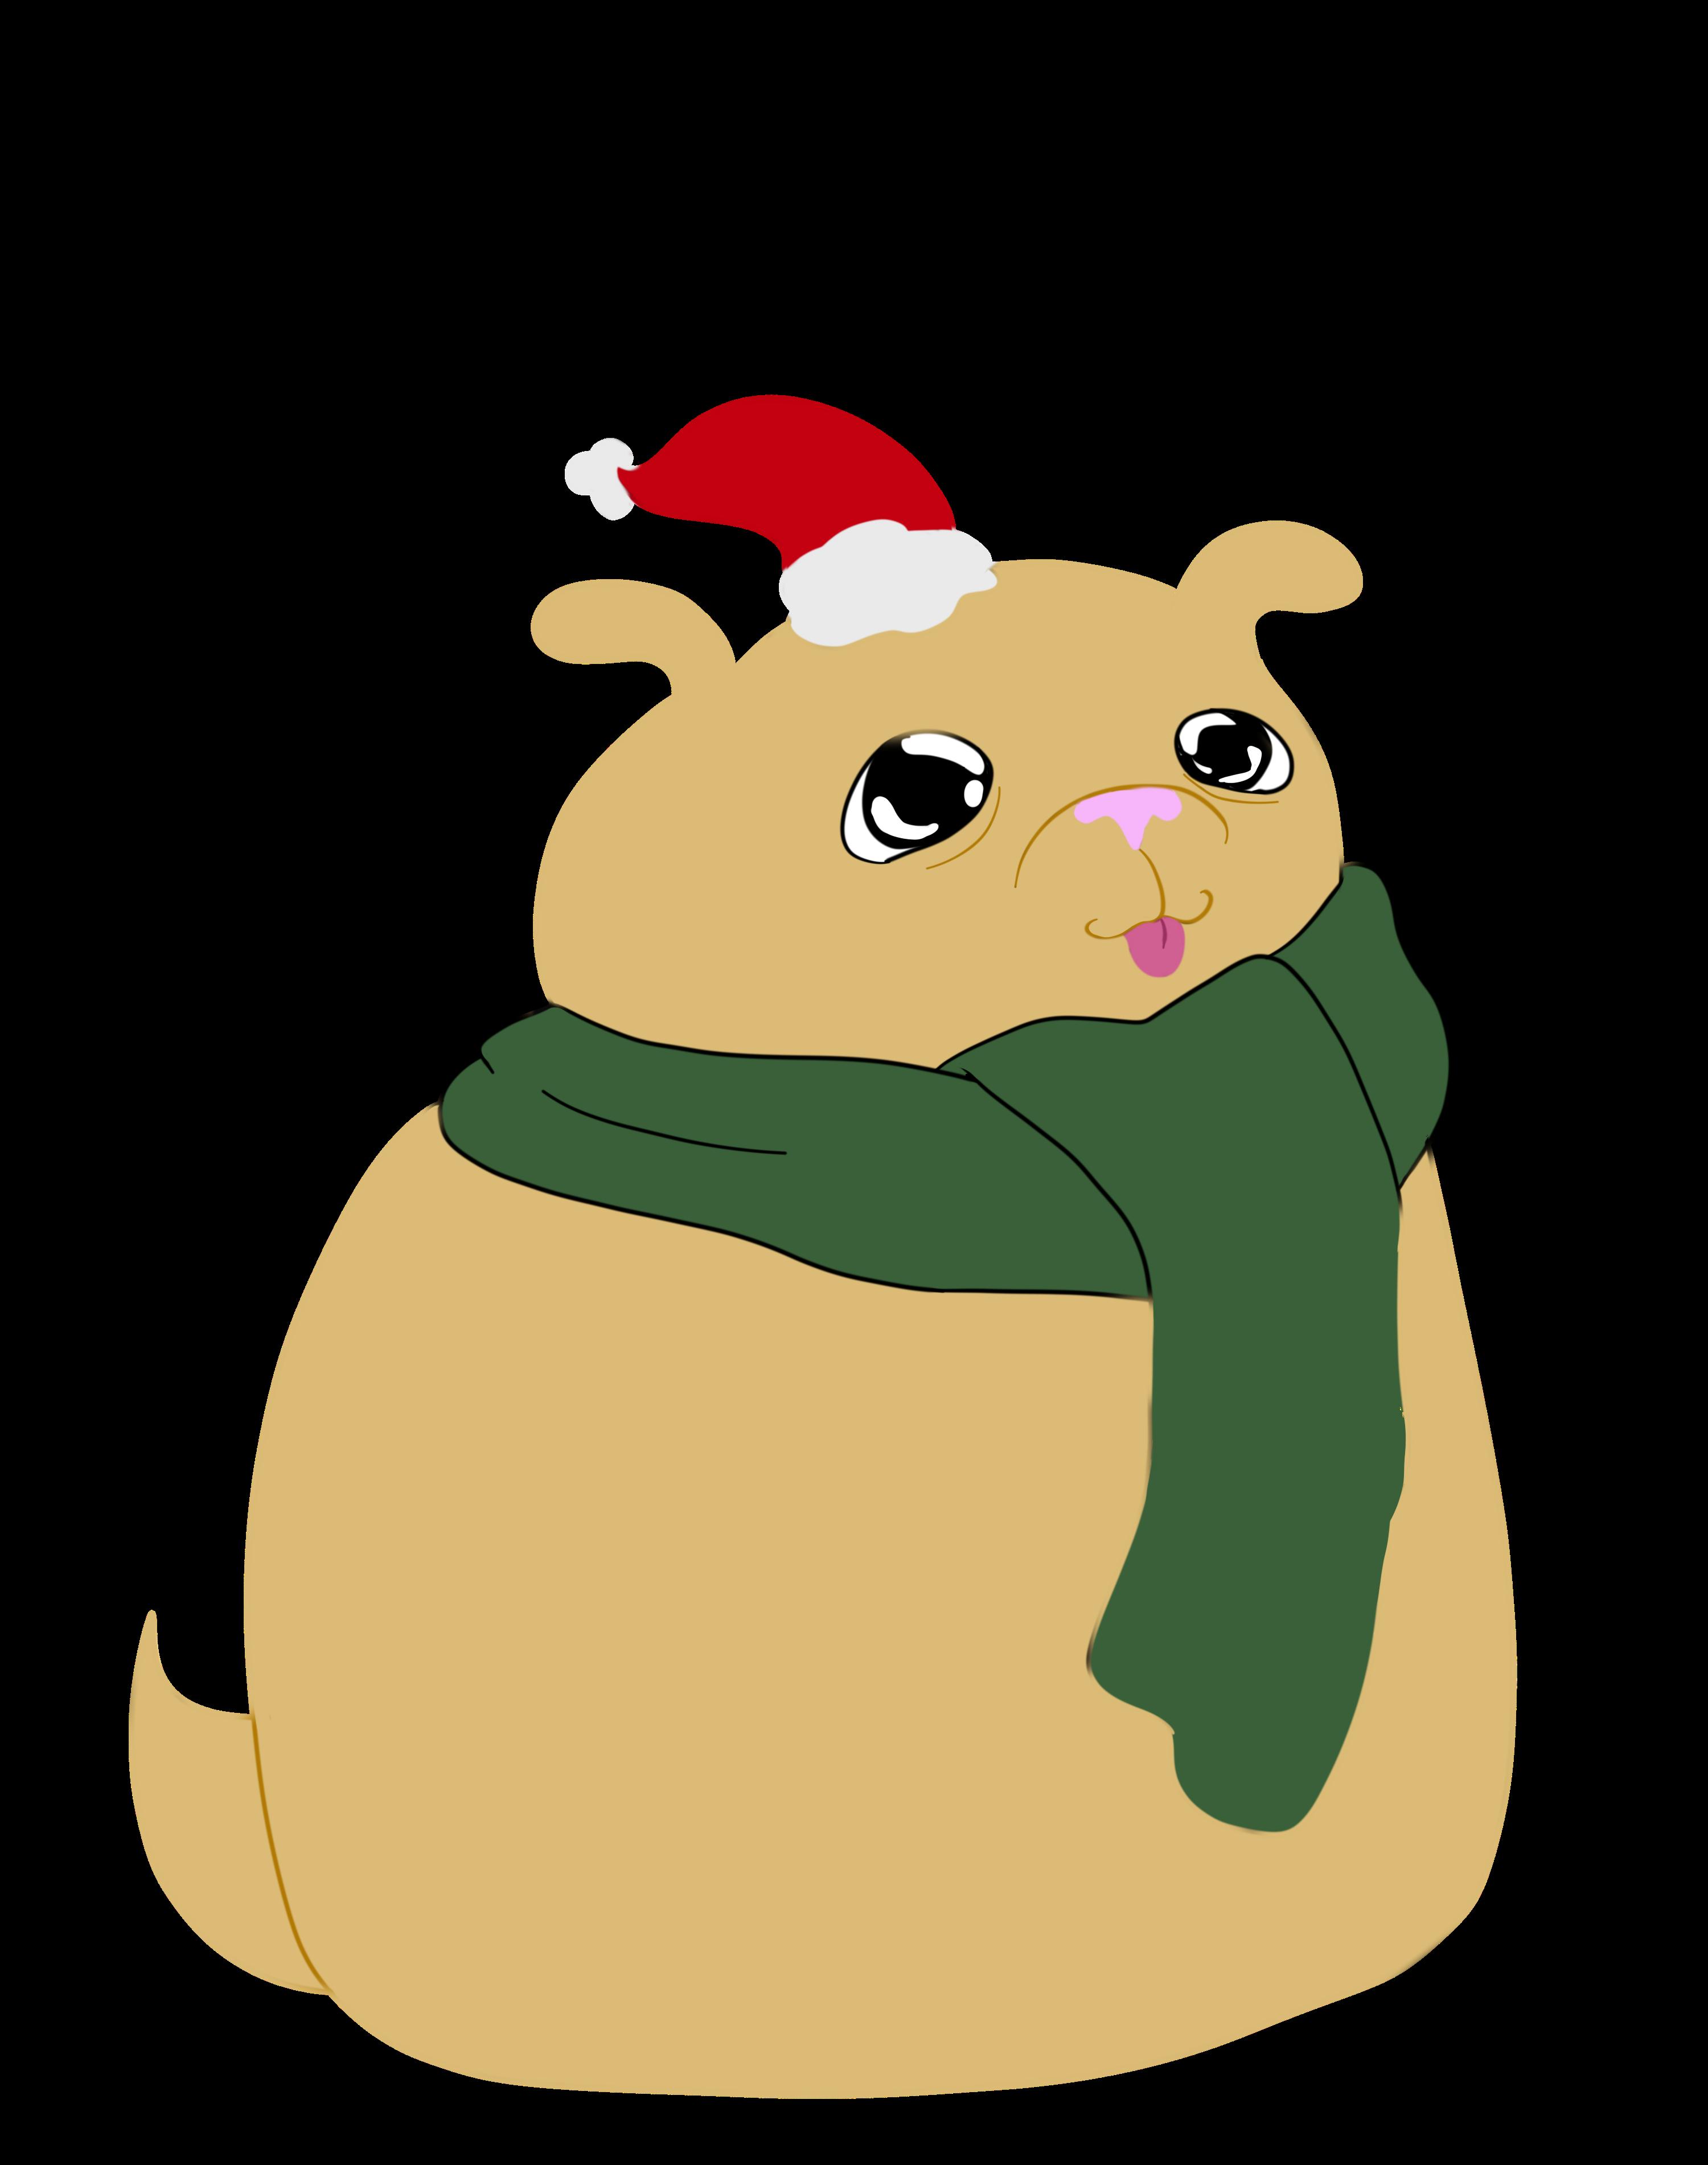 Drawn rodent christmas Christmas — Christmas Pups: Badly